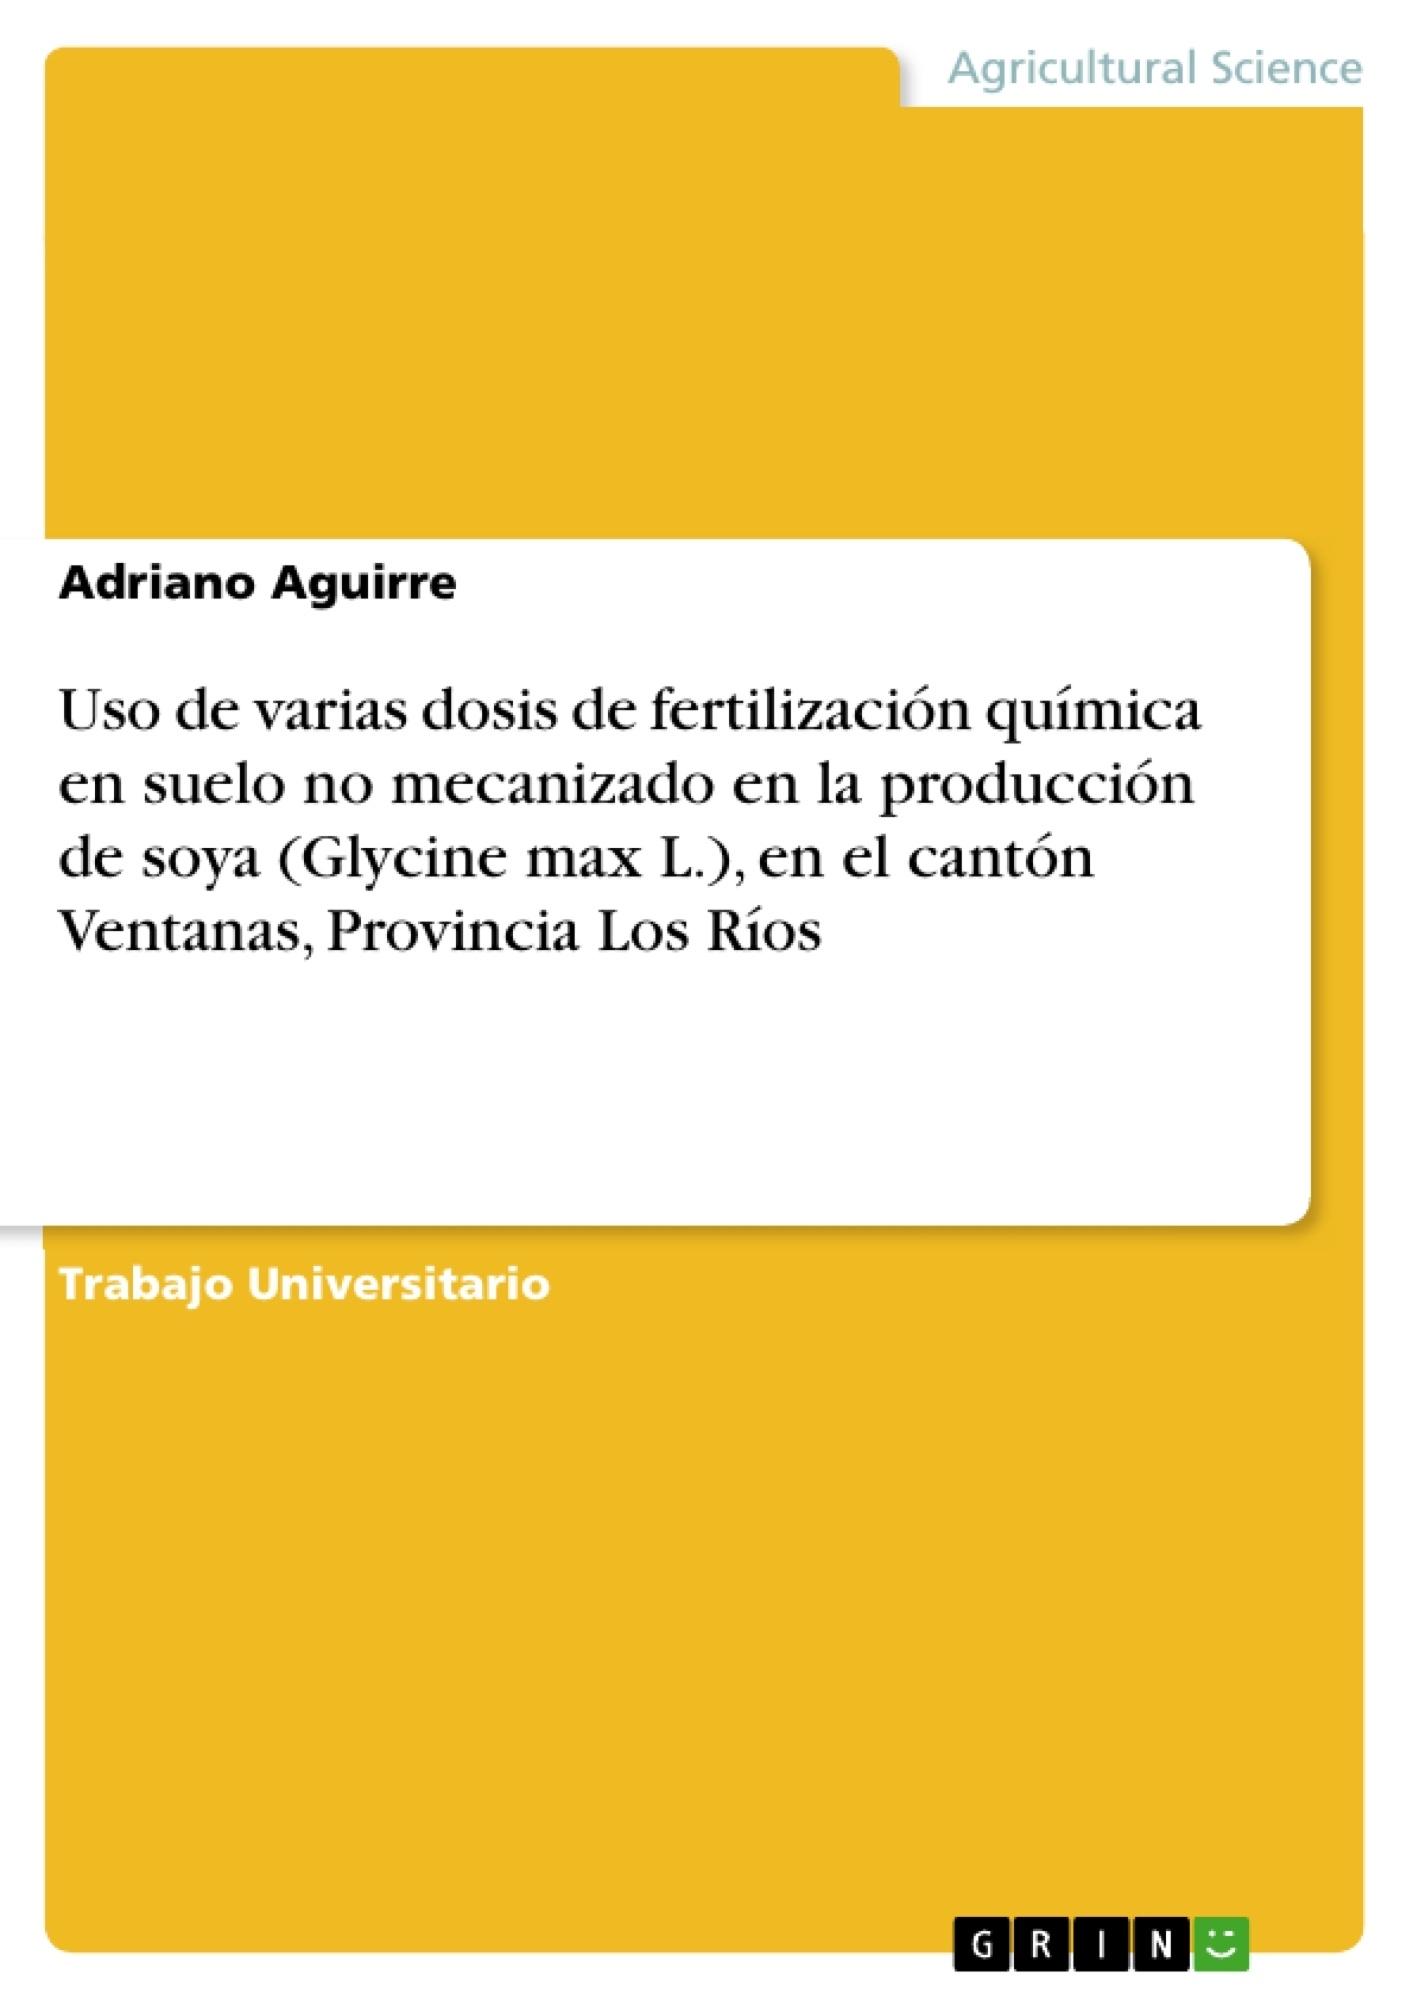 Título: Uso de varias dosis de fertilización química en suelo no mecanizado en la producción de soya (Glycine max L.), en el cantón Ventanas, Provincia Los Ríos